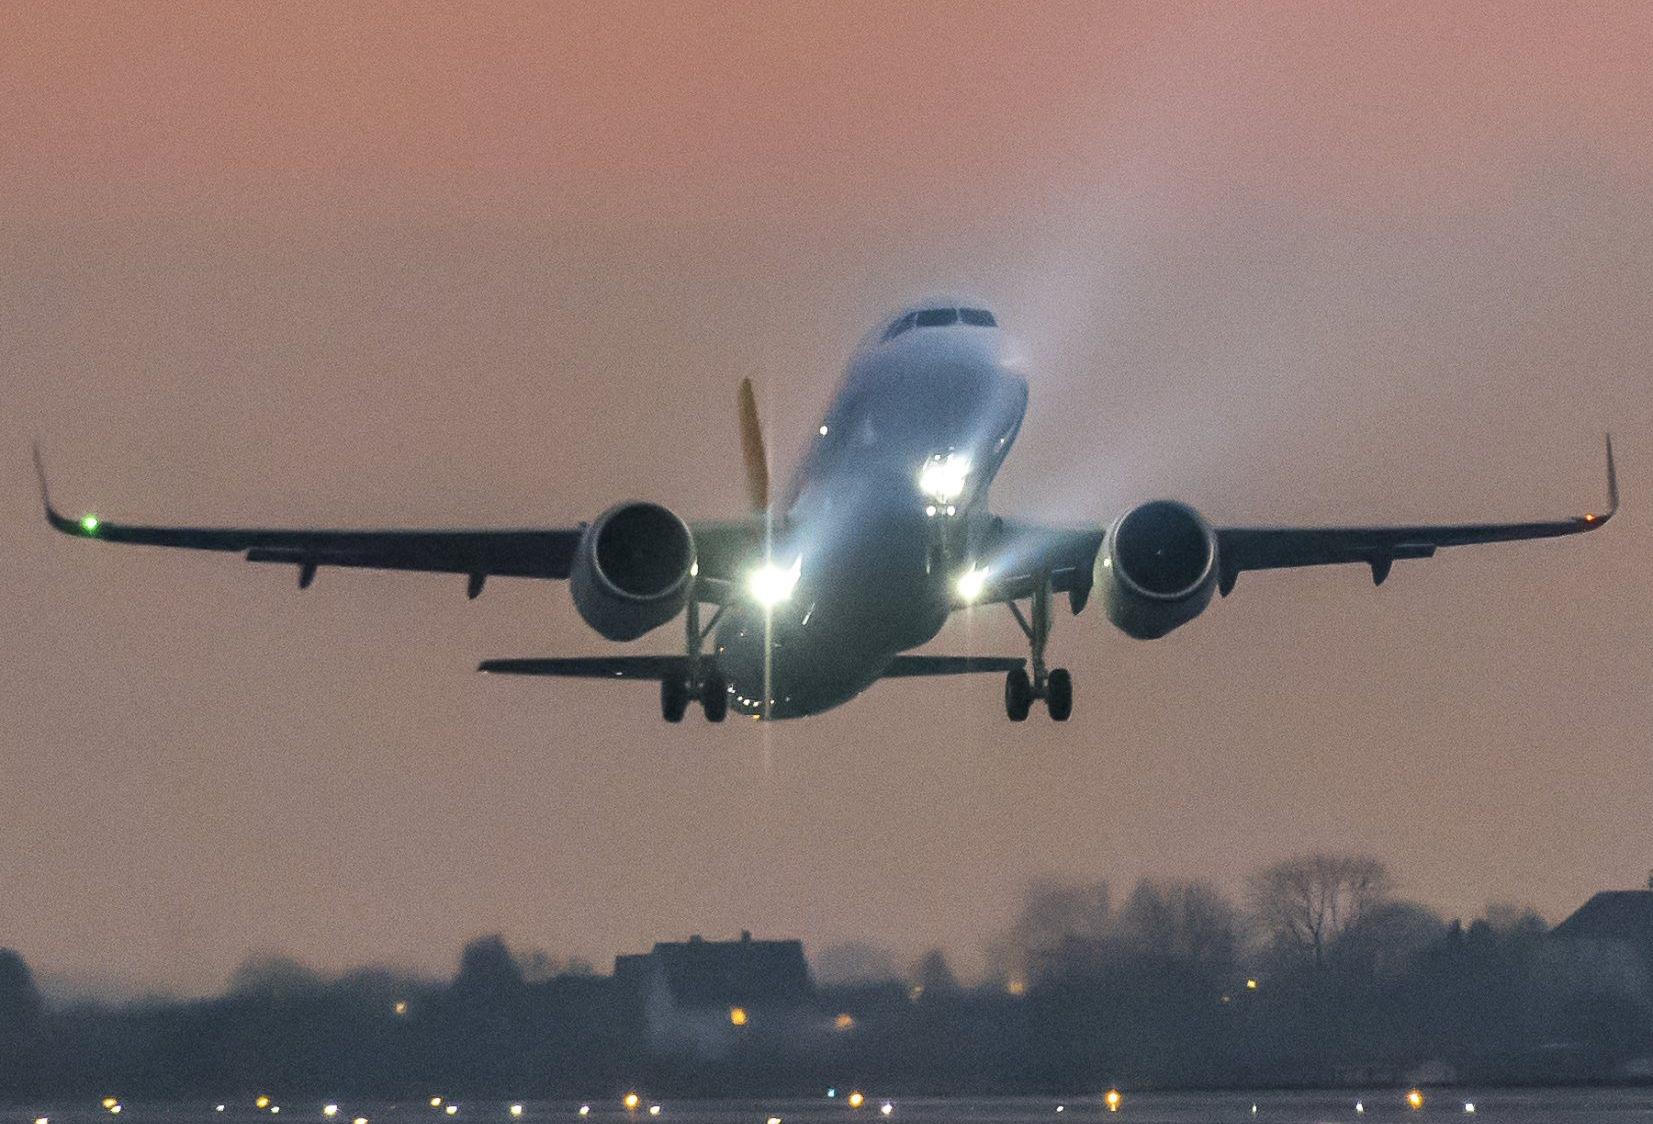 Verdens flyselskaber får de kommende tyve år behov for over 37.000 nye passagerfly, cirka tre ud af fire er med én midtergang – for eksempel Airbus A320, billedet, Boeing B737, canadiske CS100 og CS300 eller brasilianske E175 og E190. Foto: Airbus.